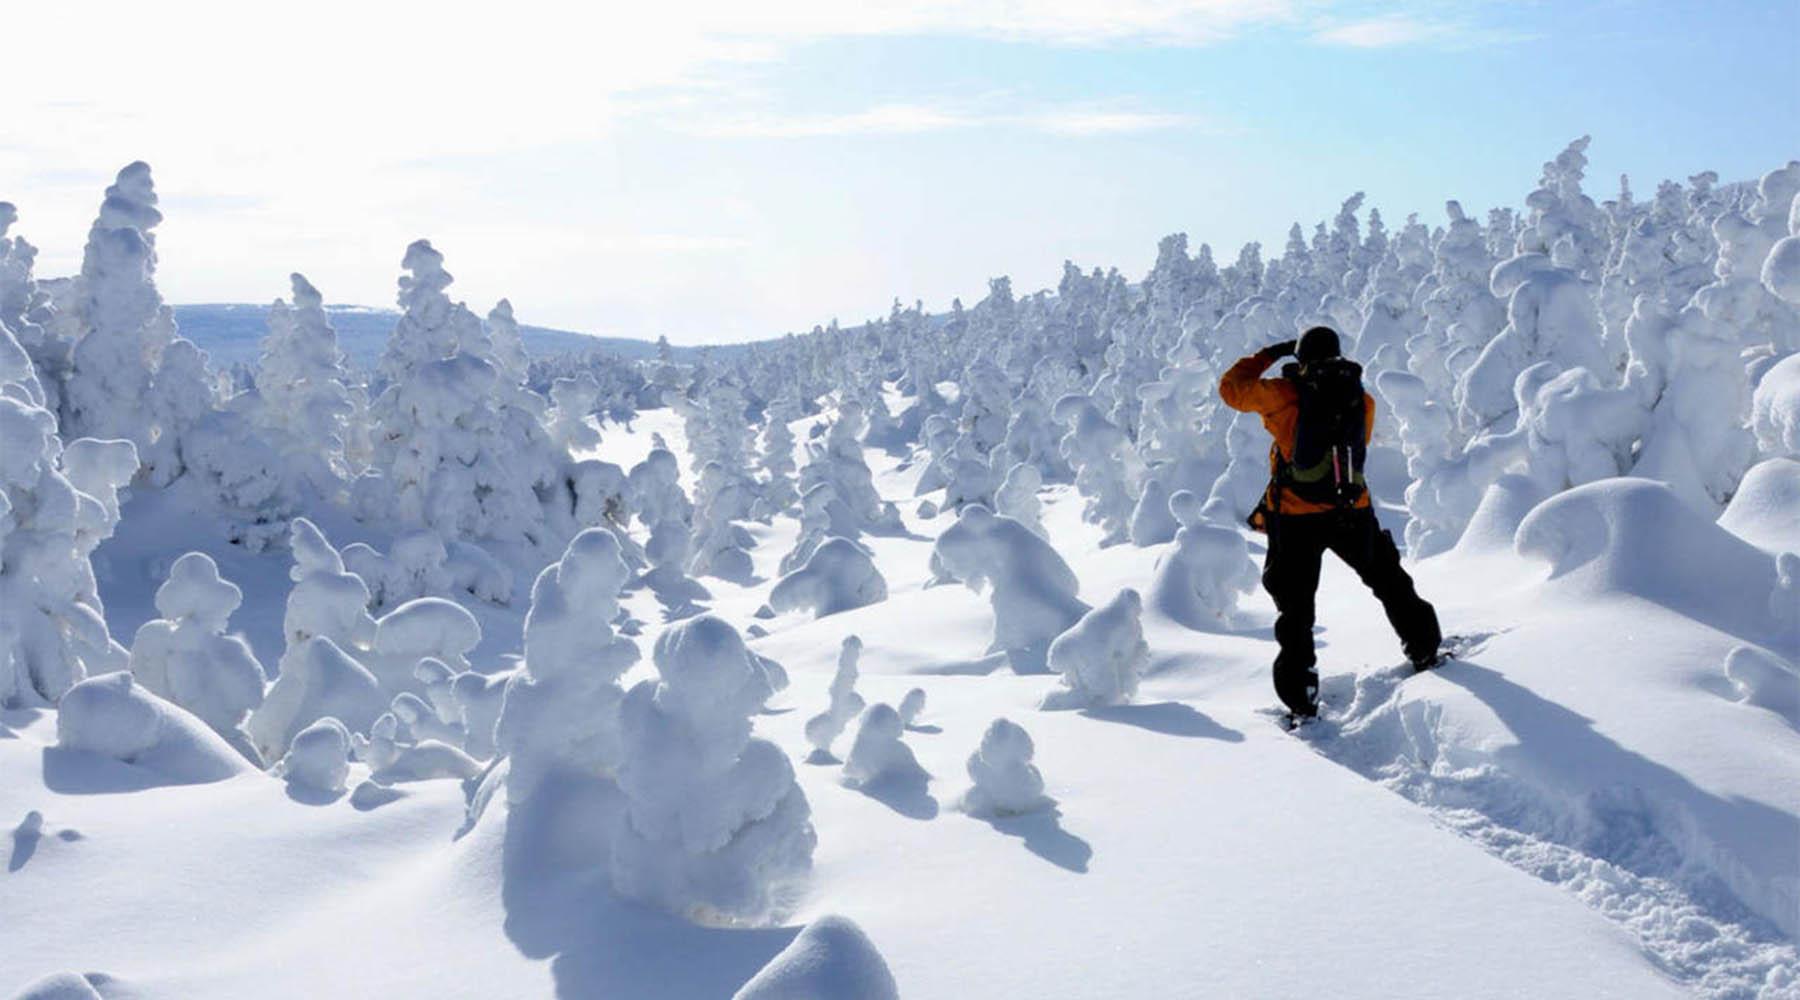 randonner hiver, randonner l'hiver, randonnée, randonné, hiver, hivernal, hivernale, chinook voyage, voyage d'aventure, Monts-Valin